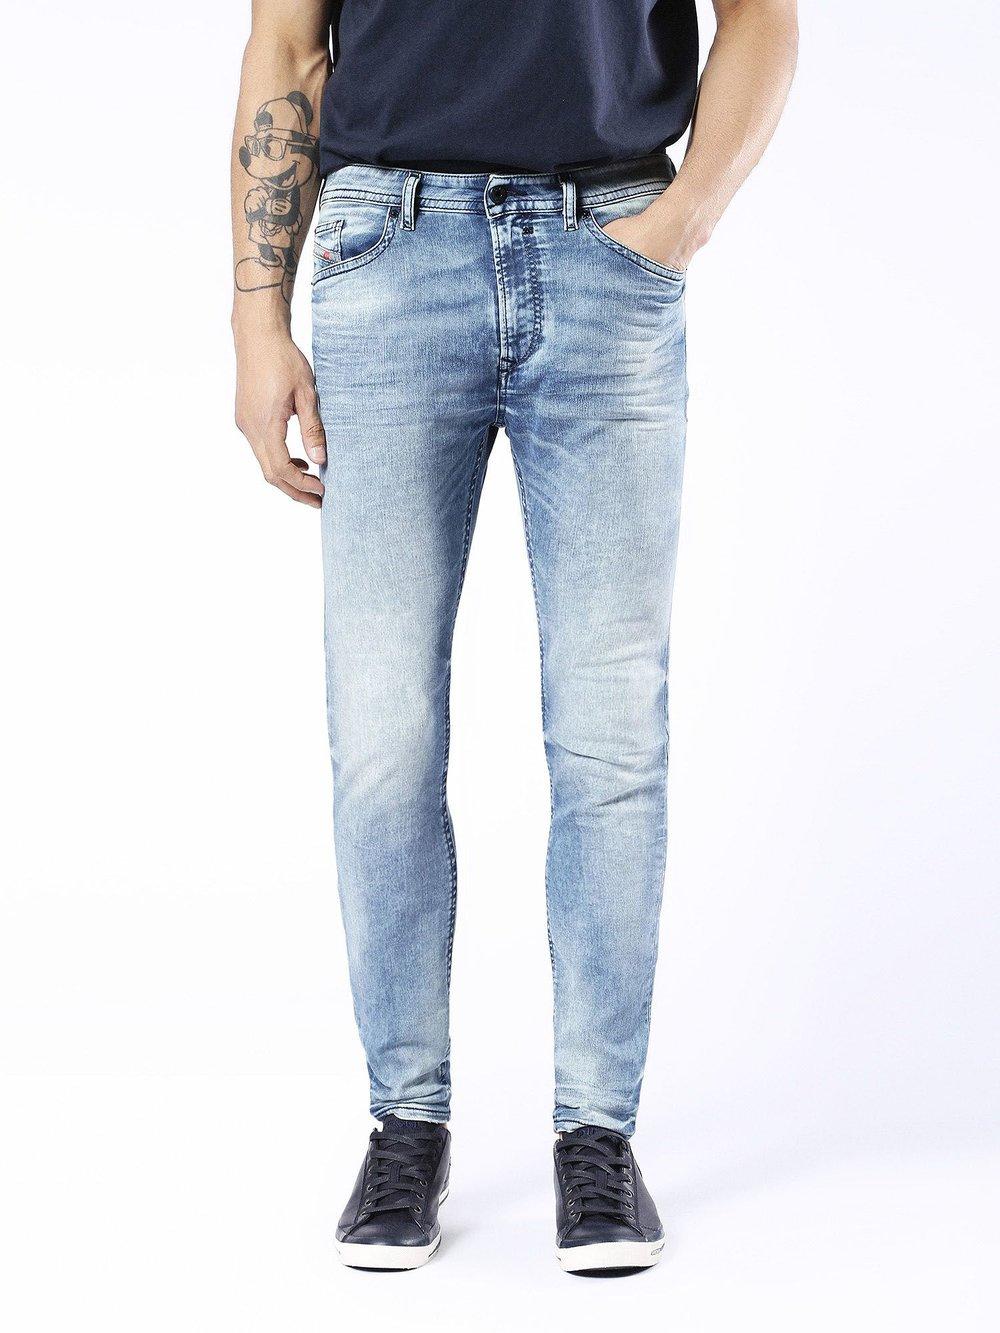 2diesel_jogg_jeans_spender_0855c